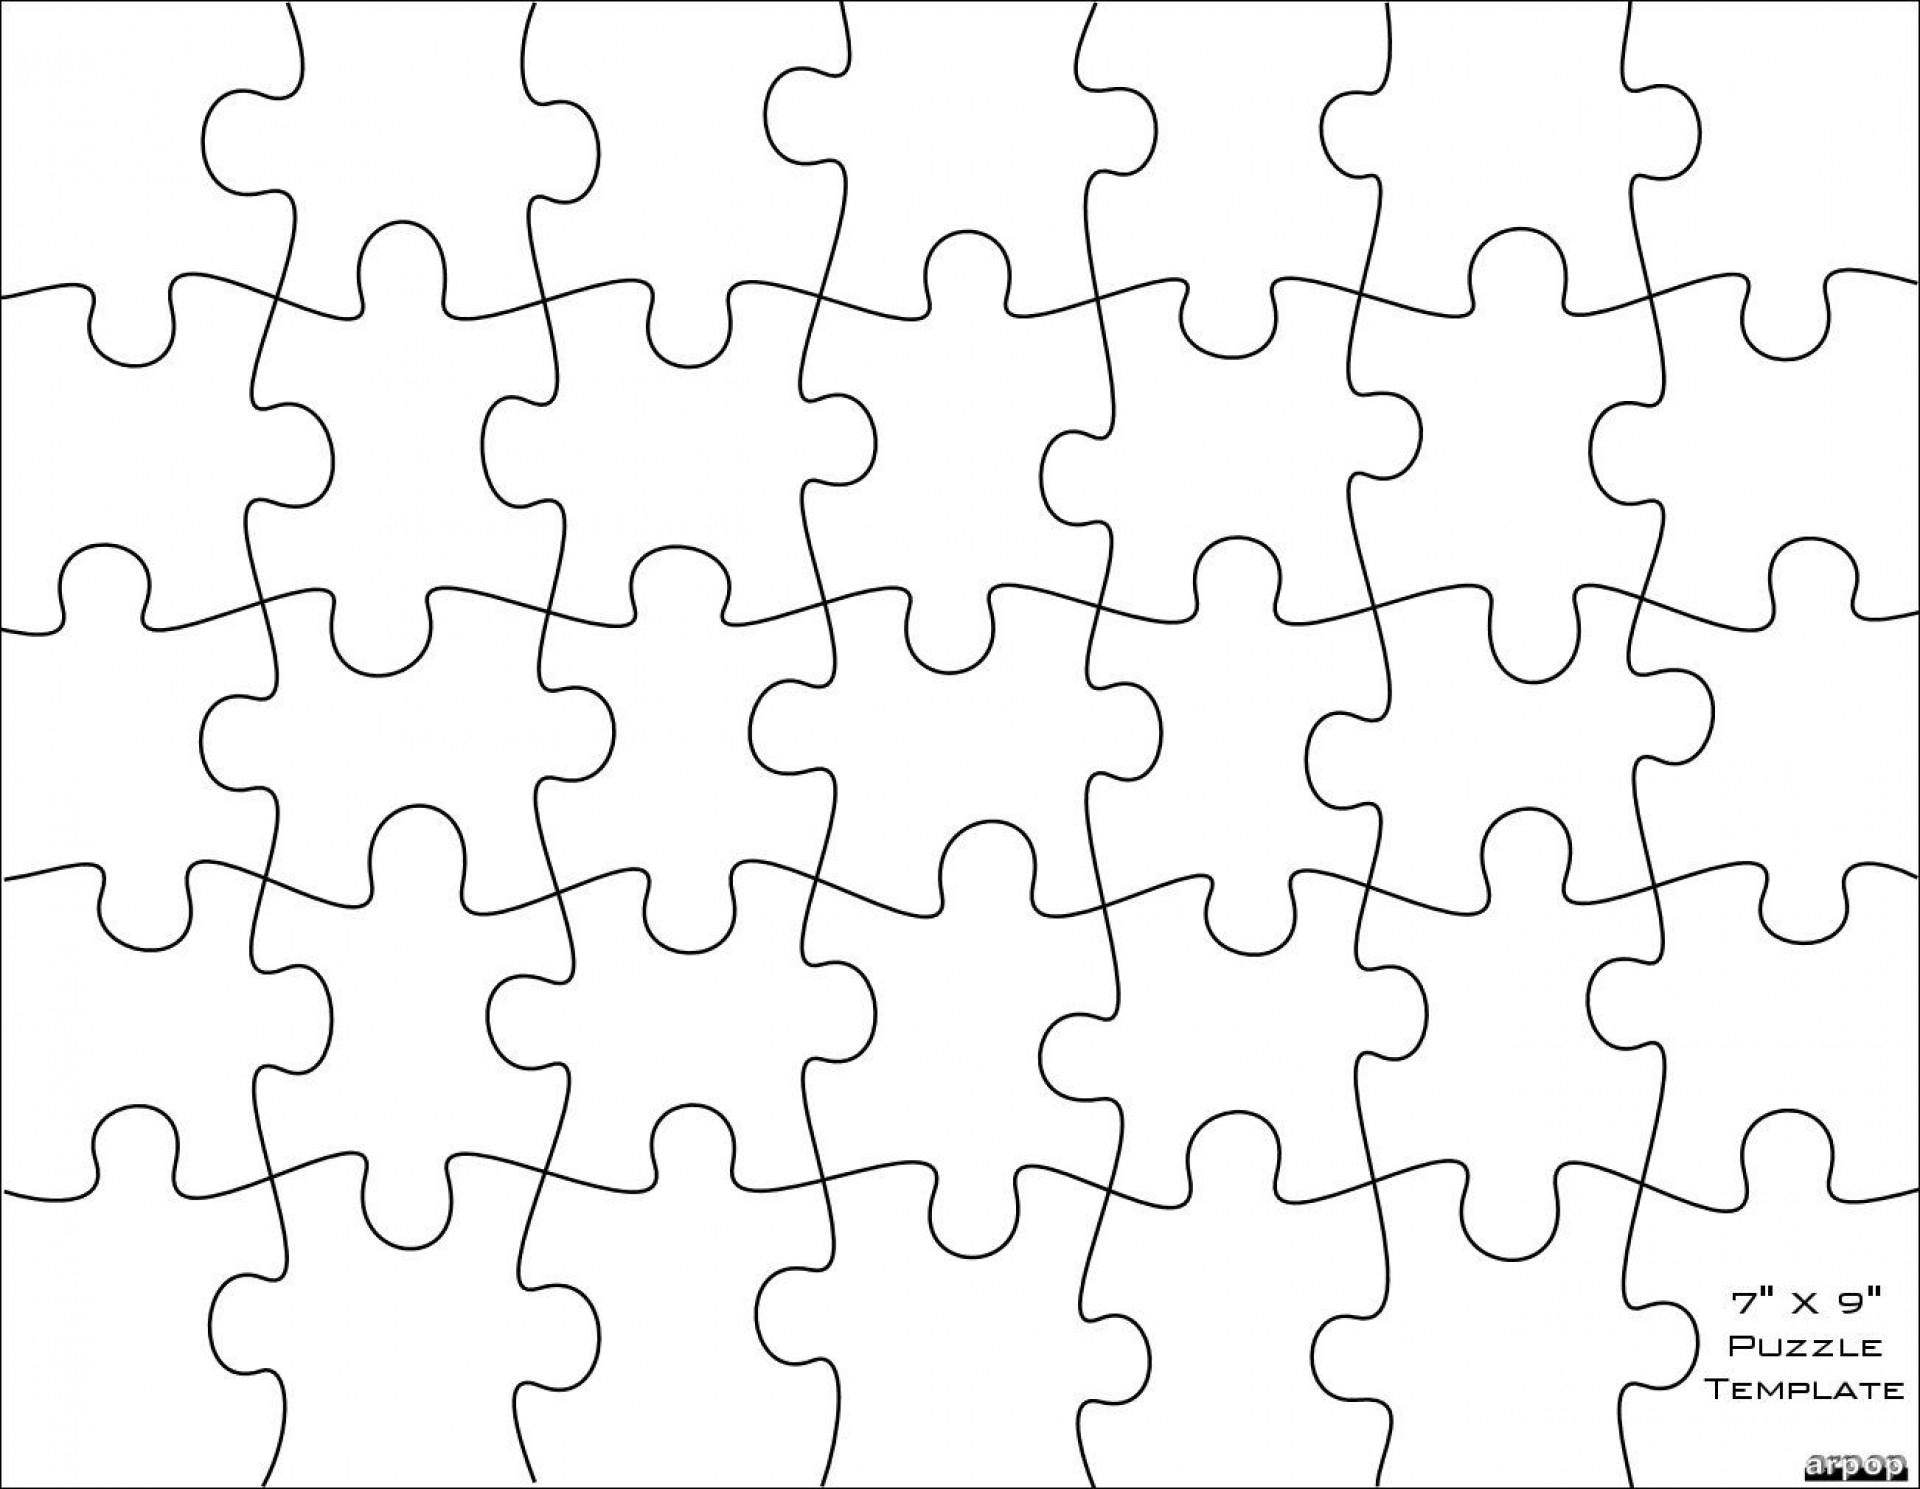 006 Jigsaw Puzzle Blank Template Twenty Pieces Simple Jig Saw - Printable Jigsaw Puzzle Templates Blank